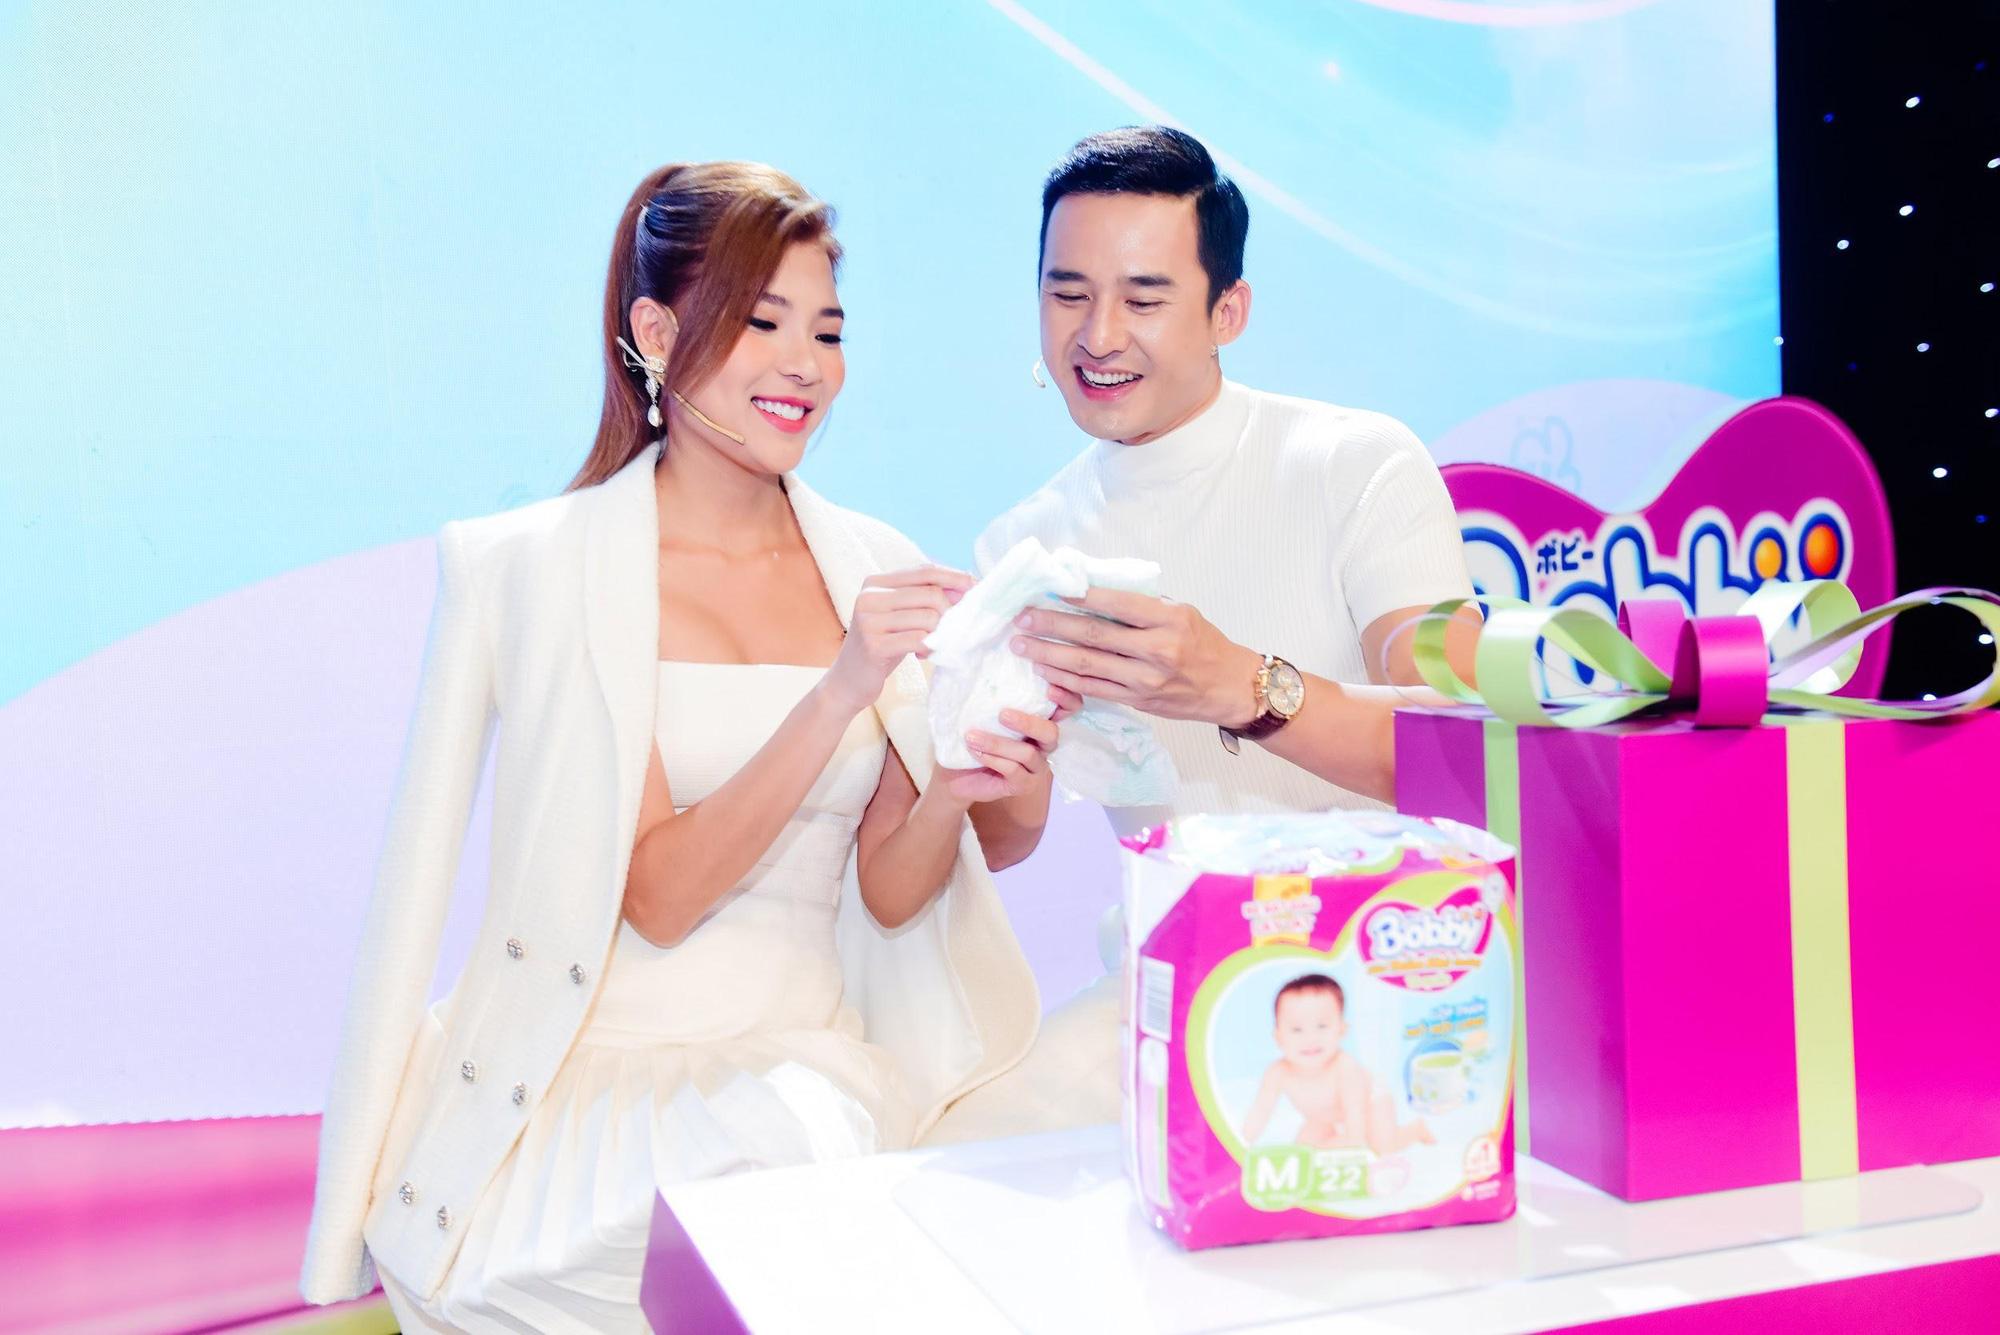 """Điều gì khiến dàn khách mời siêu mẫu Lan Khuê, Á hậu Tú Anh kinh ngạc trong sự kiện """"hạ cánh"""" siêu phẩm từ nhãn hiệu tã nổi tiếng? - Ảnh 9."""